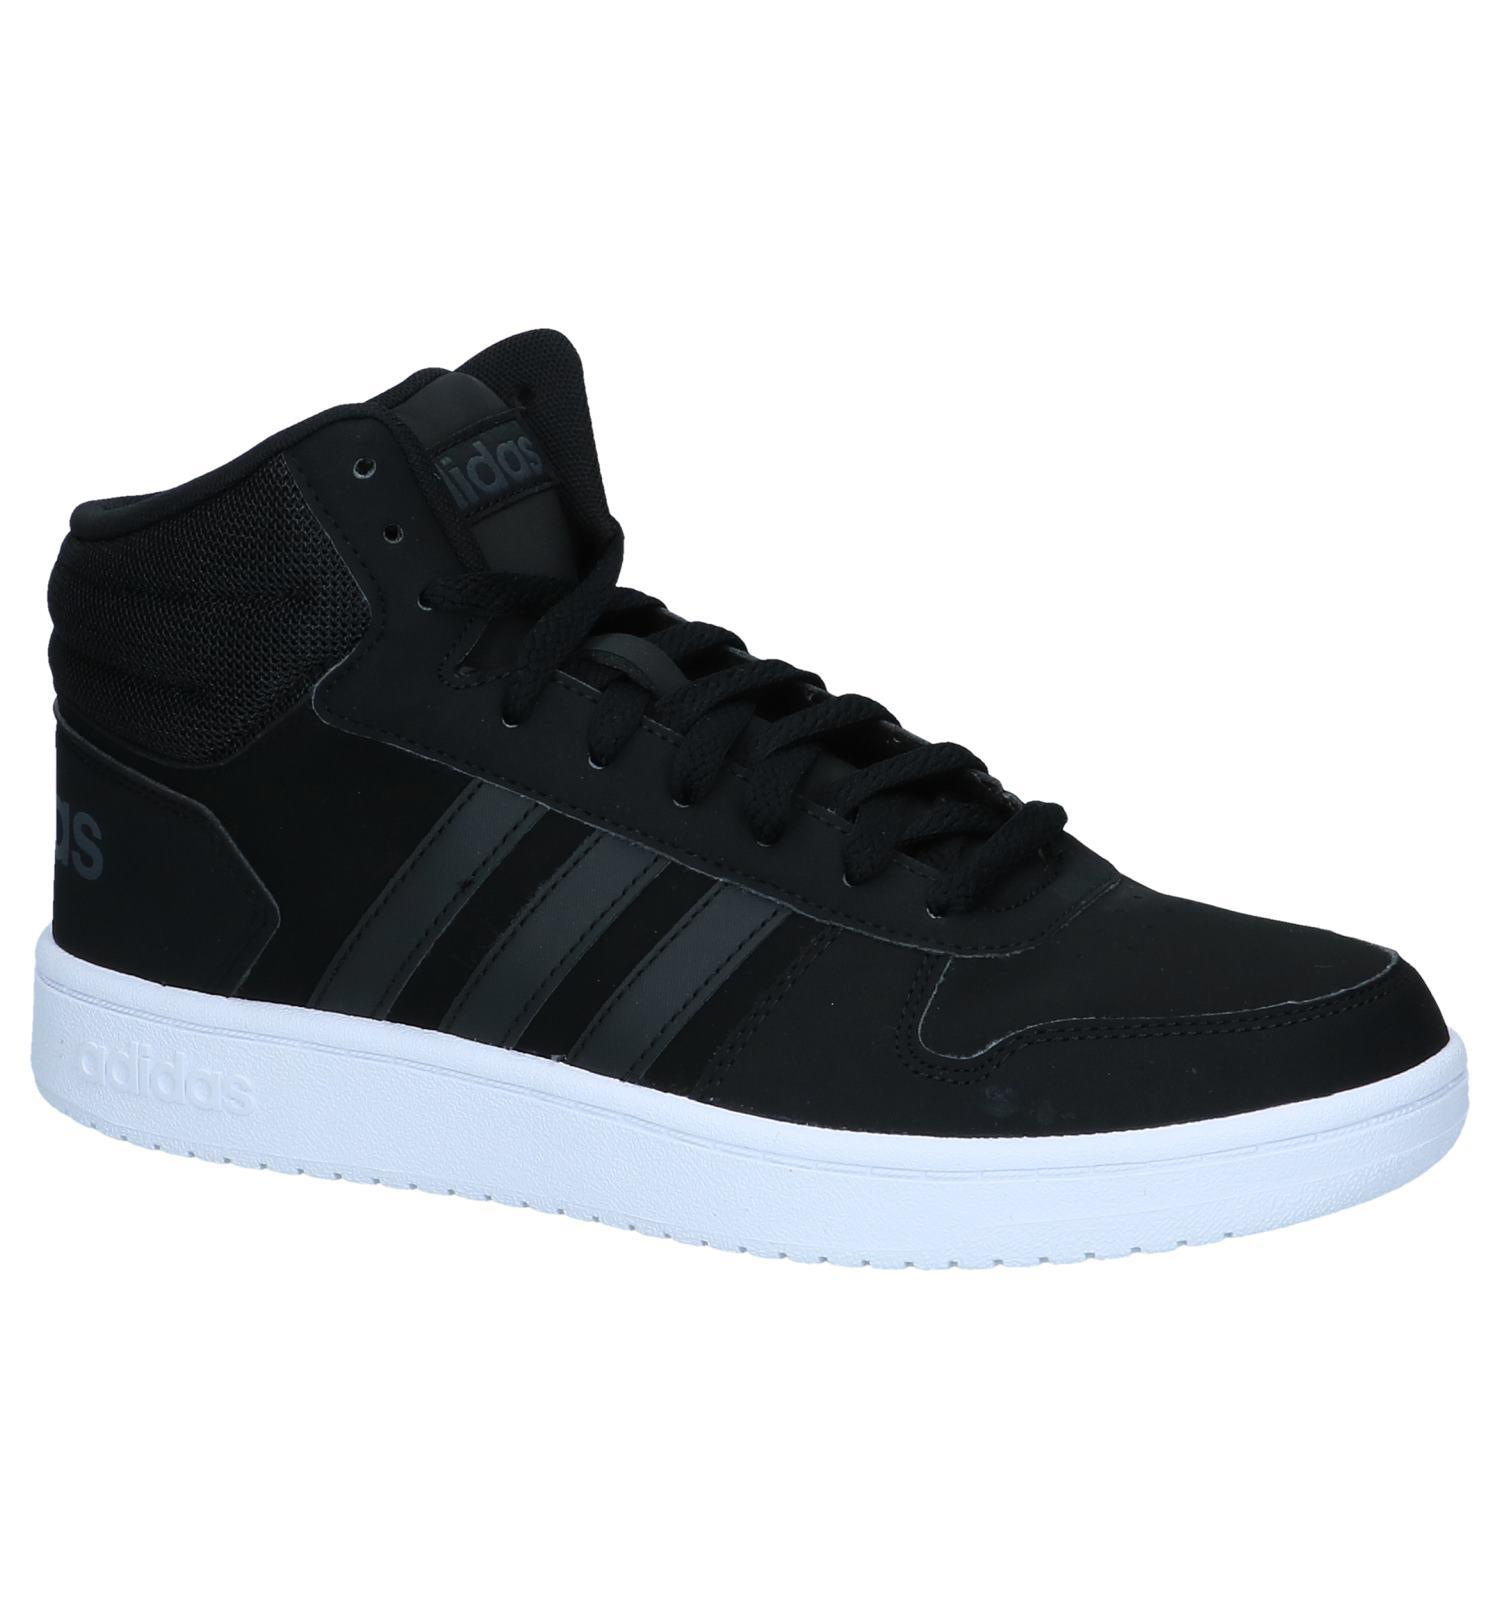 Hoge Sneakers adidas Hoops 2.0 Mid | SCHOENENTORFS.NL | Gratis verzend en retour